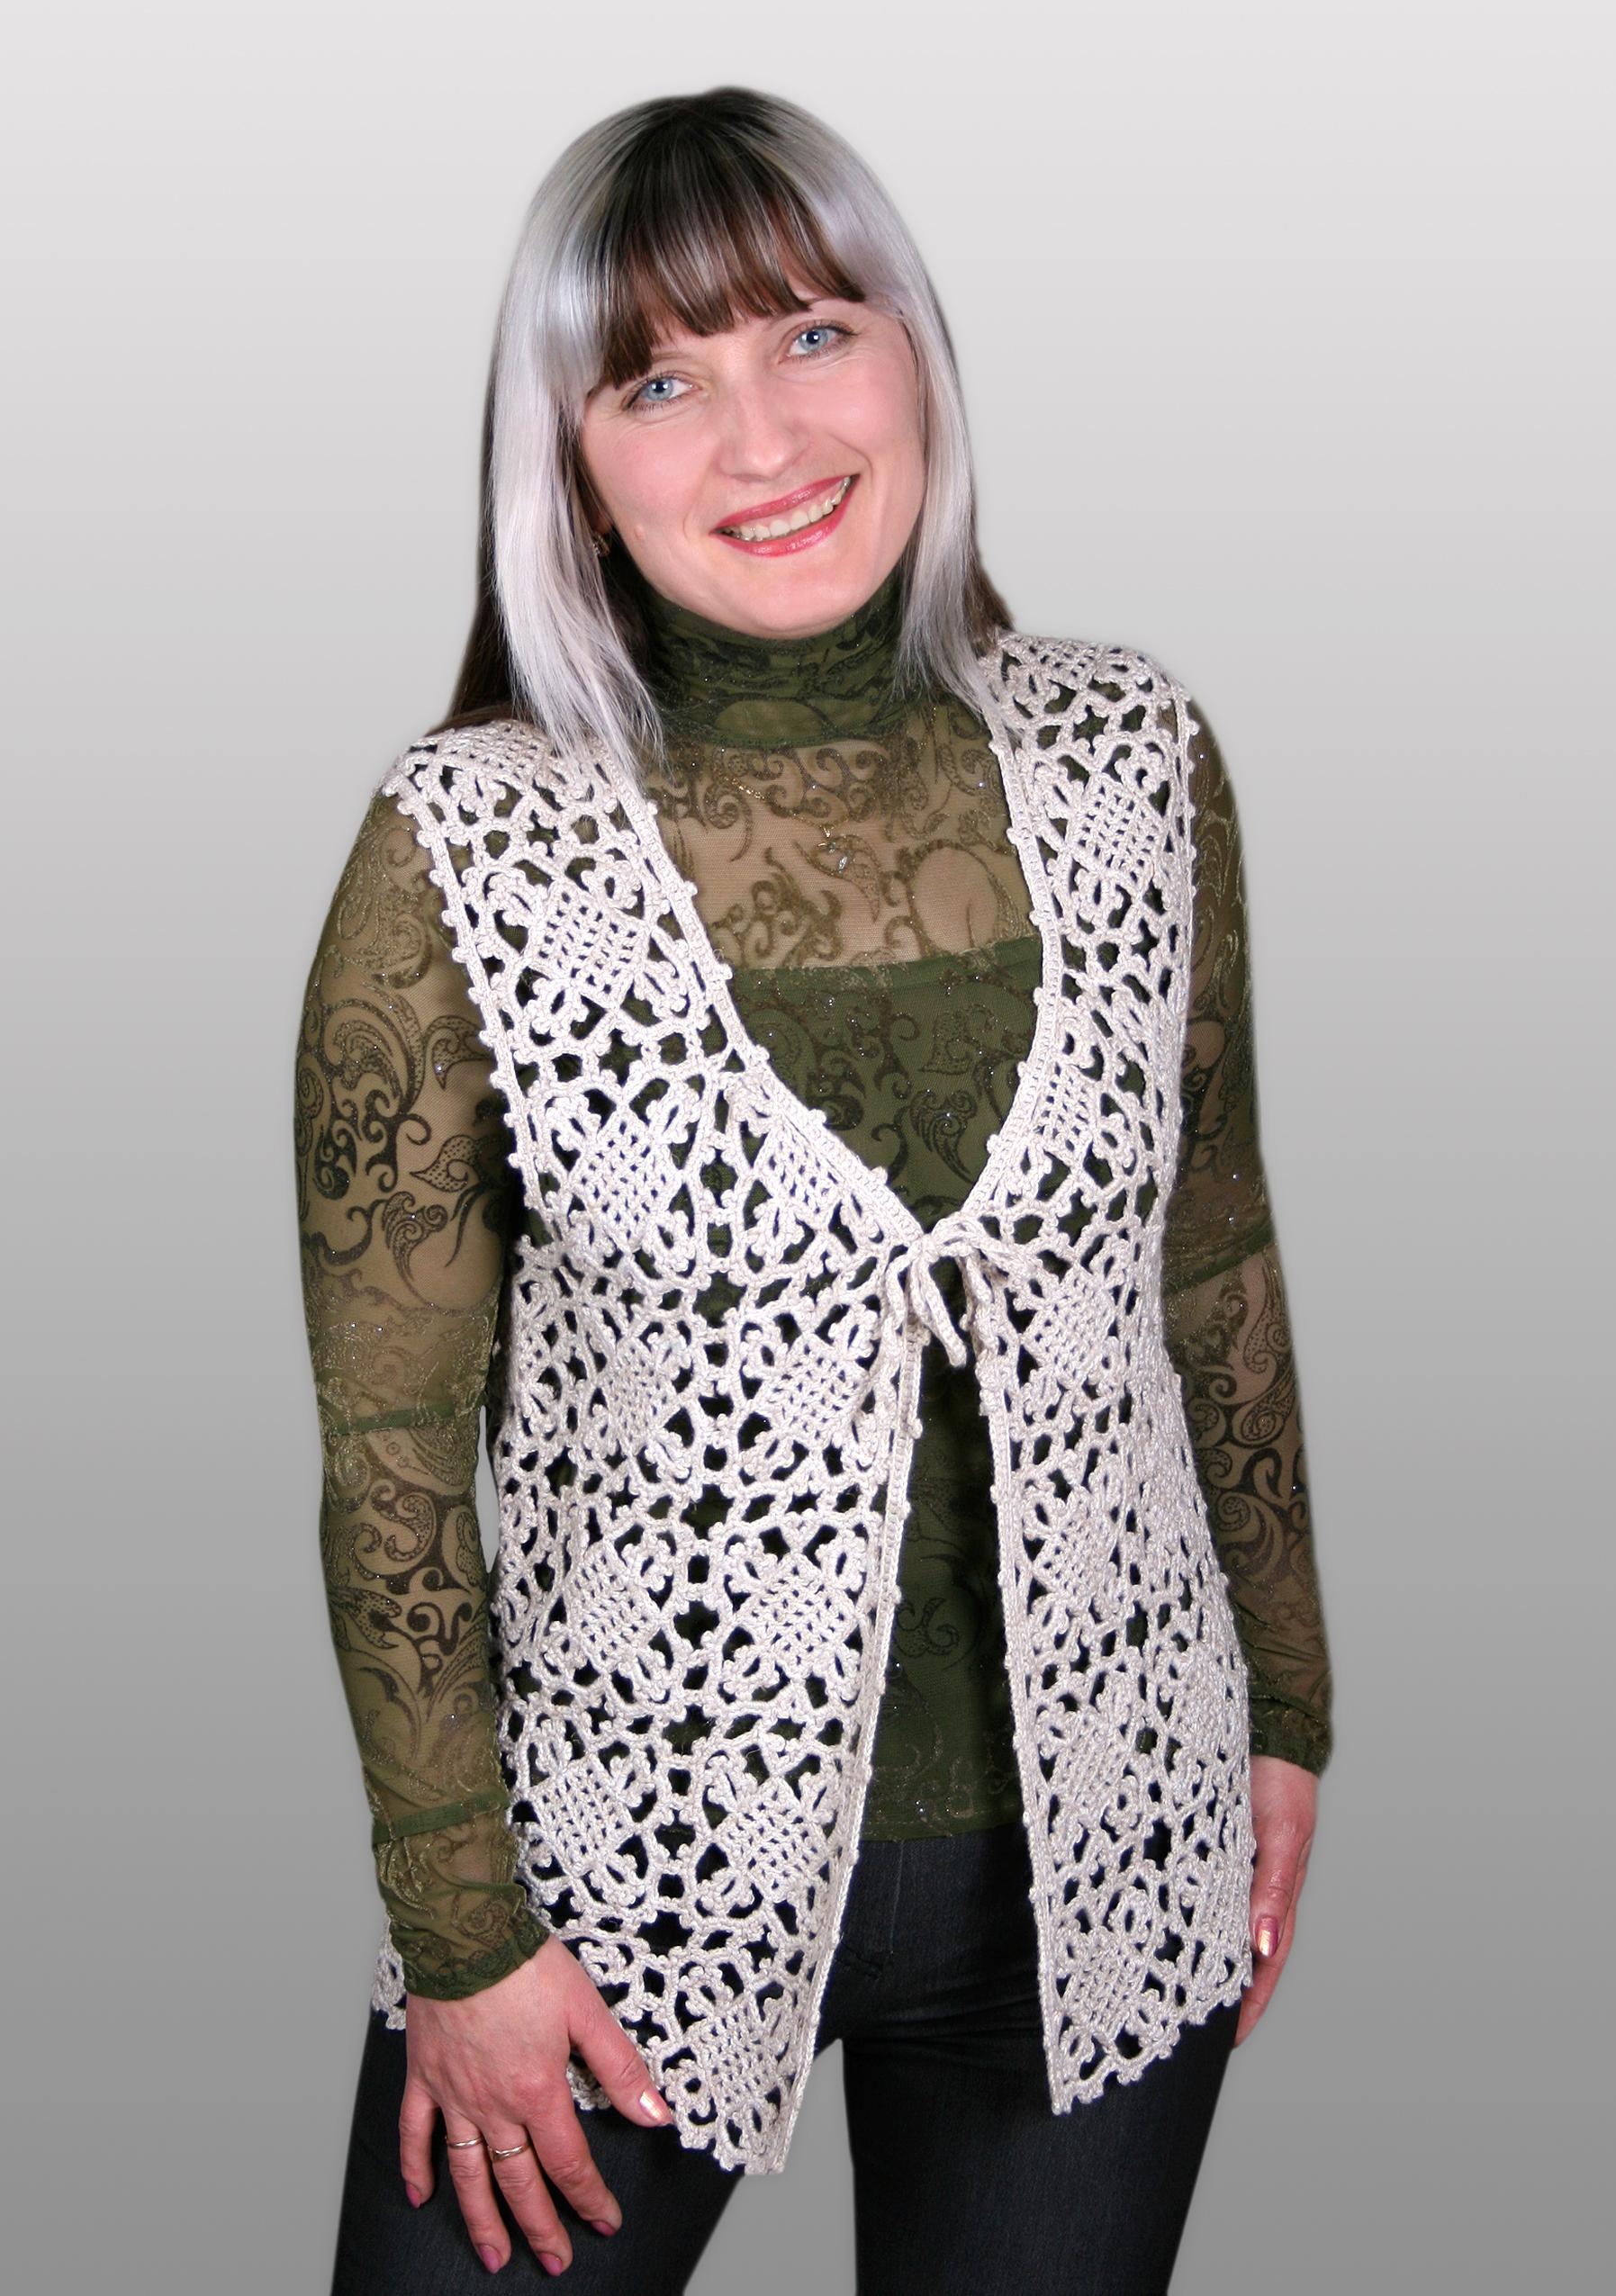 Фото зрелых женщин в одежде 18 фотография